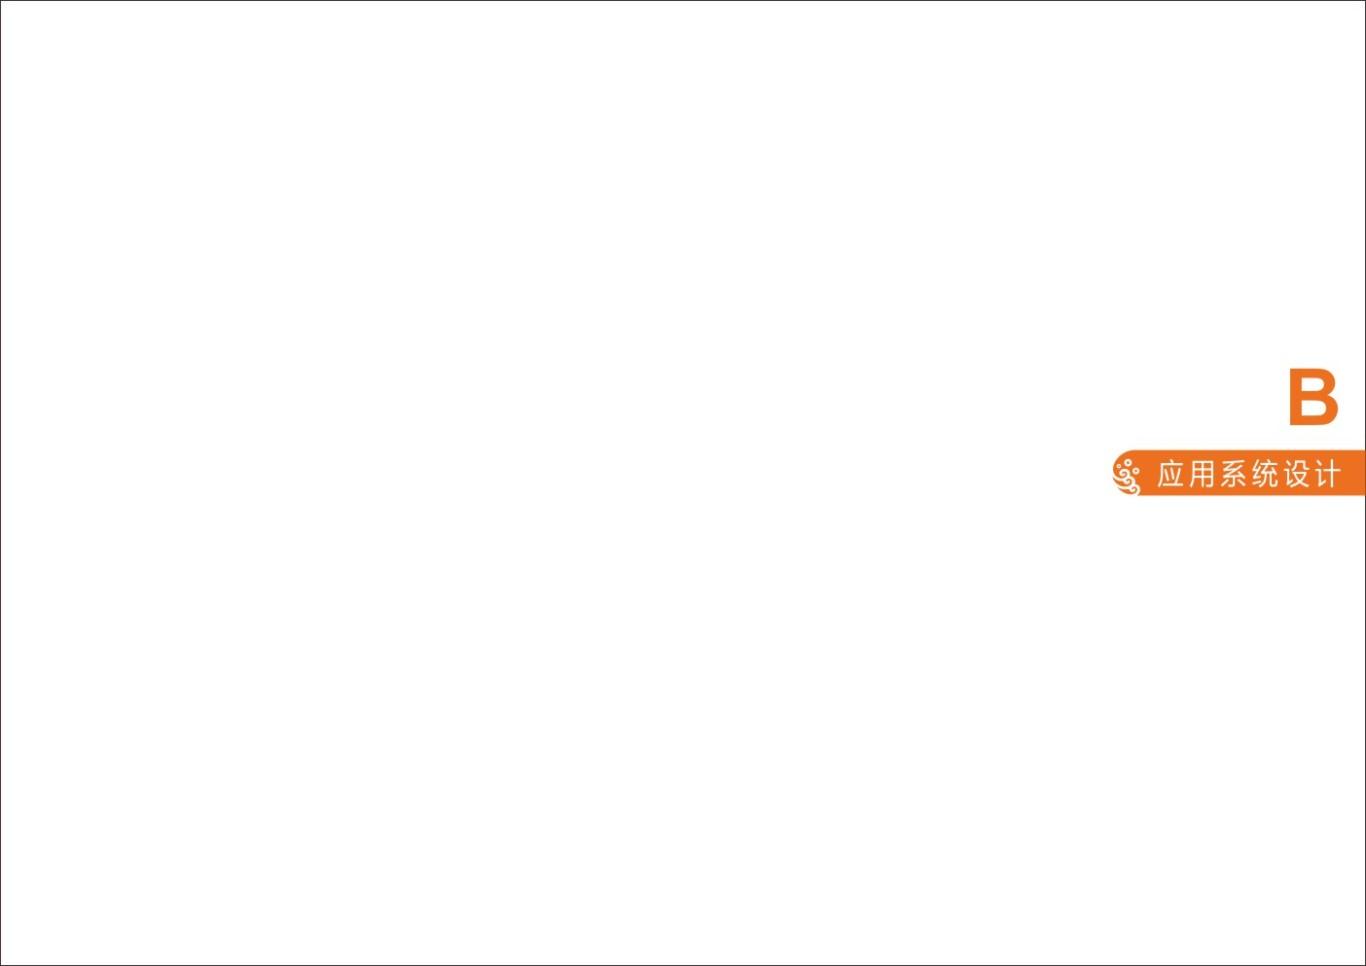 四川广融钱多多品牌及VI形象设计图16